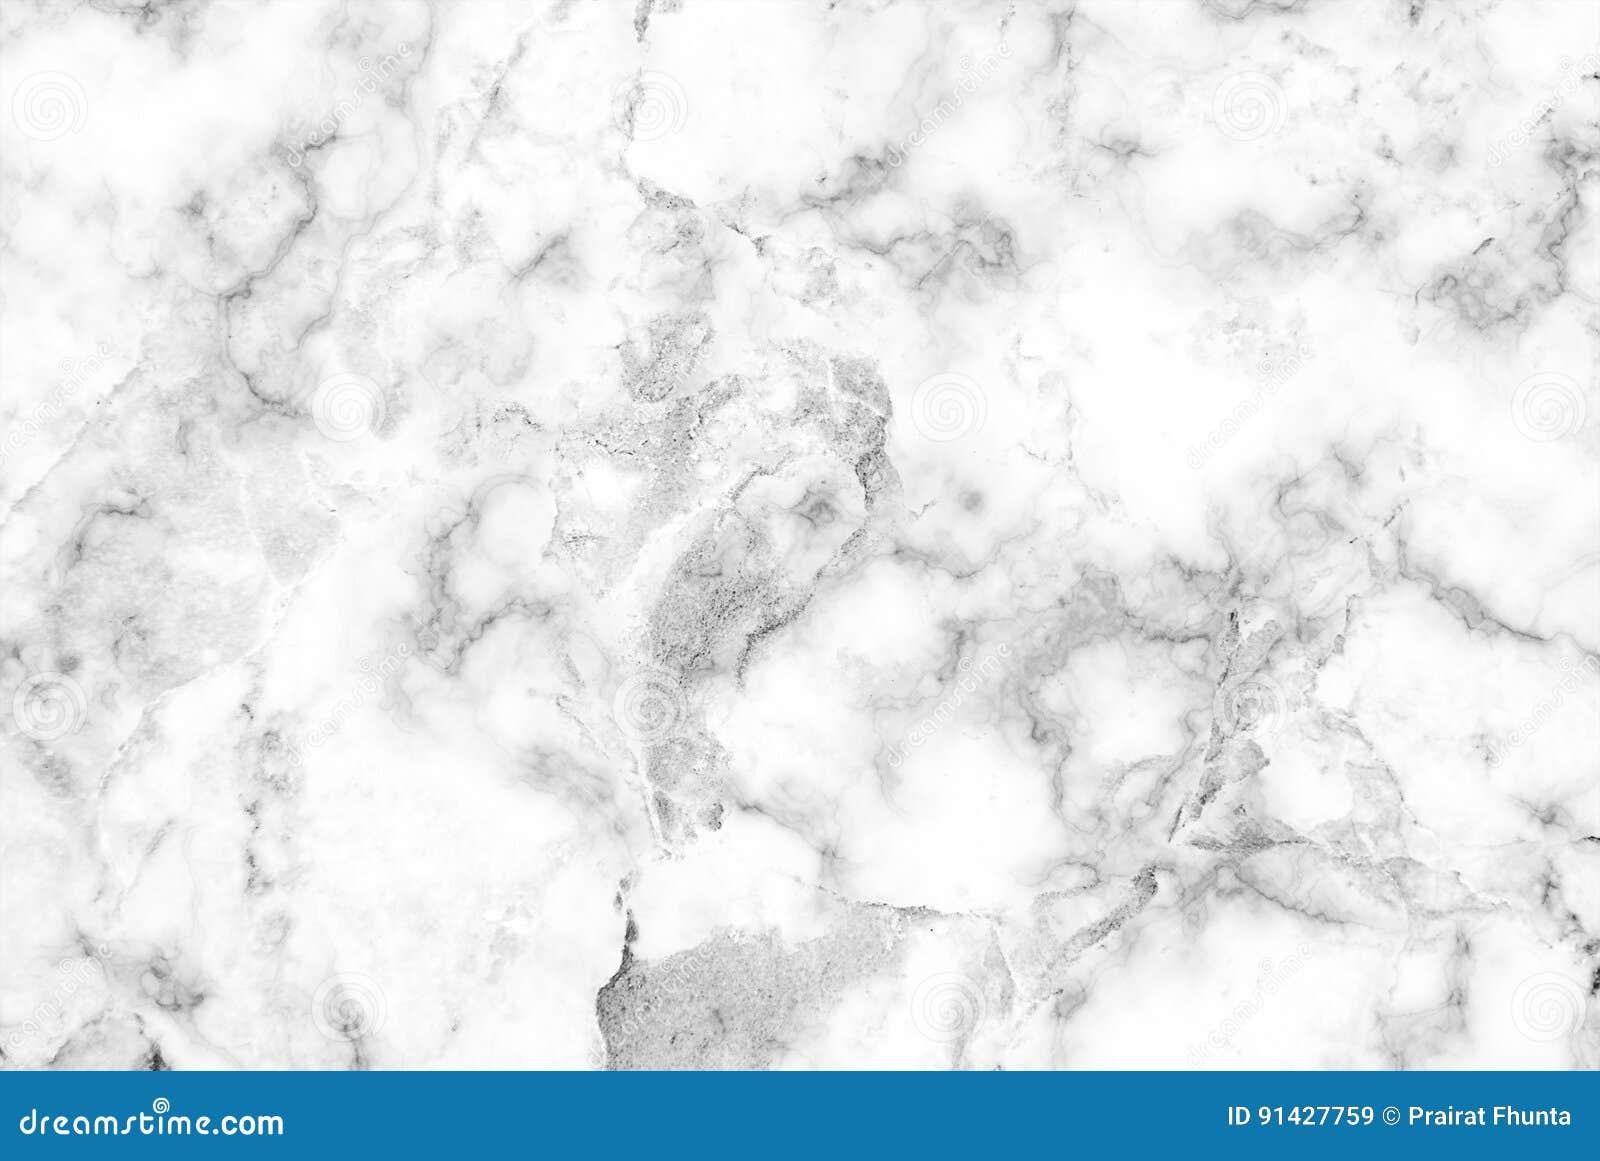 Fondo de m rmol blanco de la textura m rmol aut ntico for Fondo marmol blanco